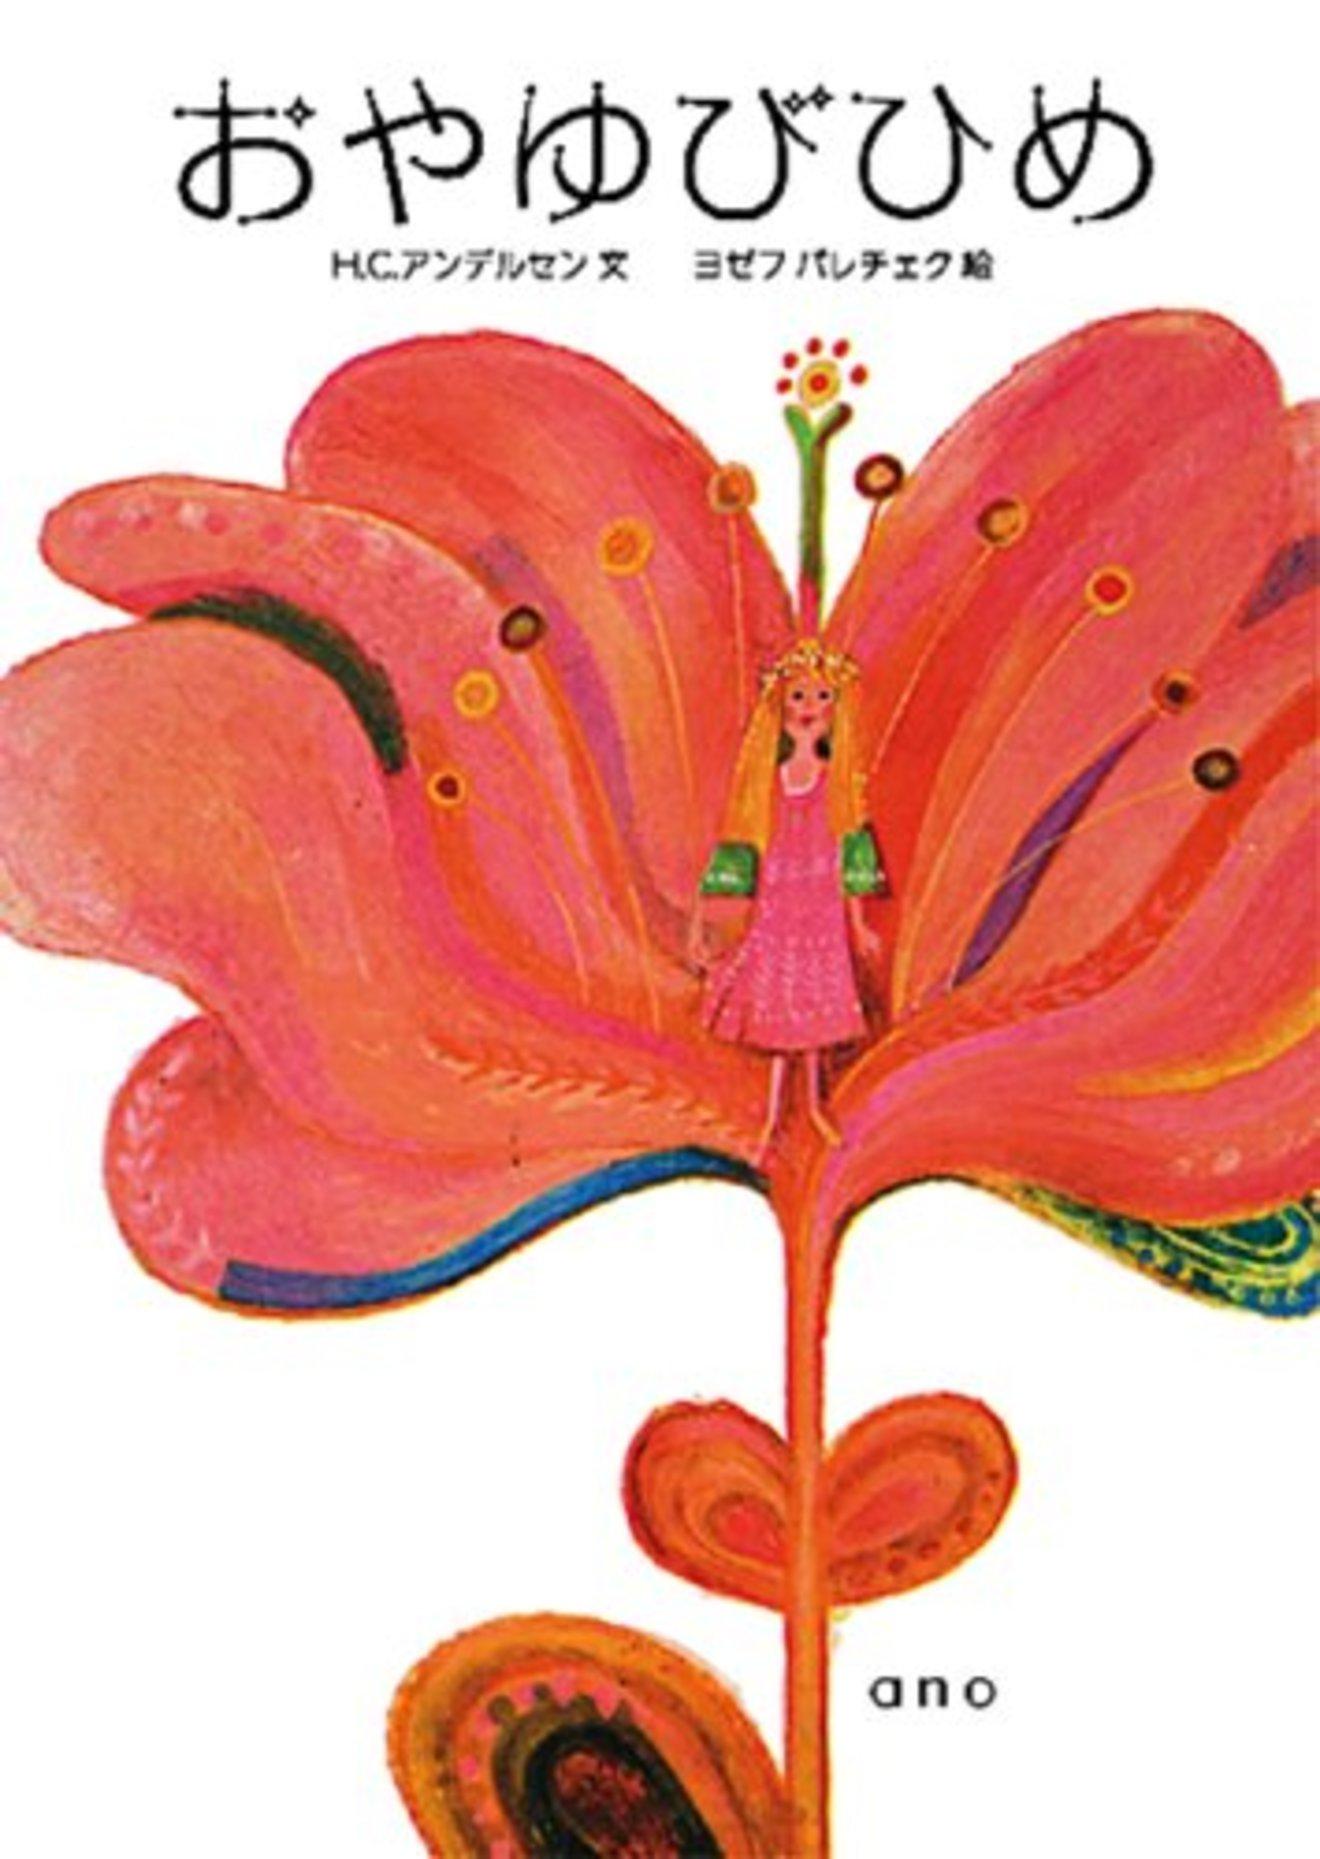 童話「親指姫」で本当に怖いのは誰?あらすじや教訓、おすすめ絵本を紹介